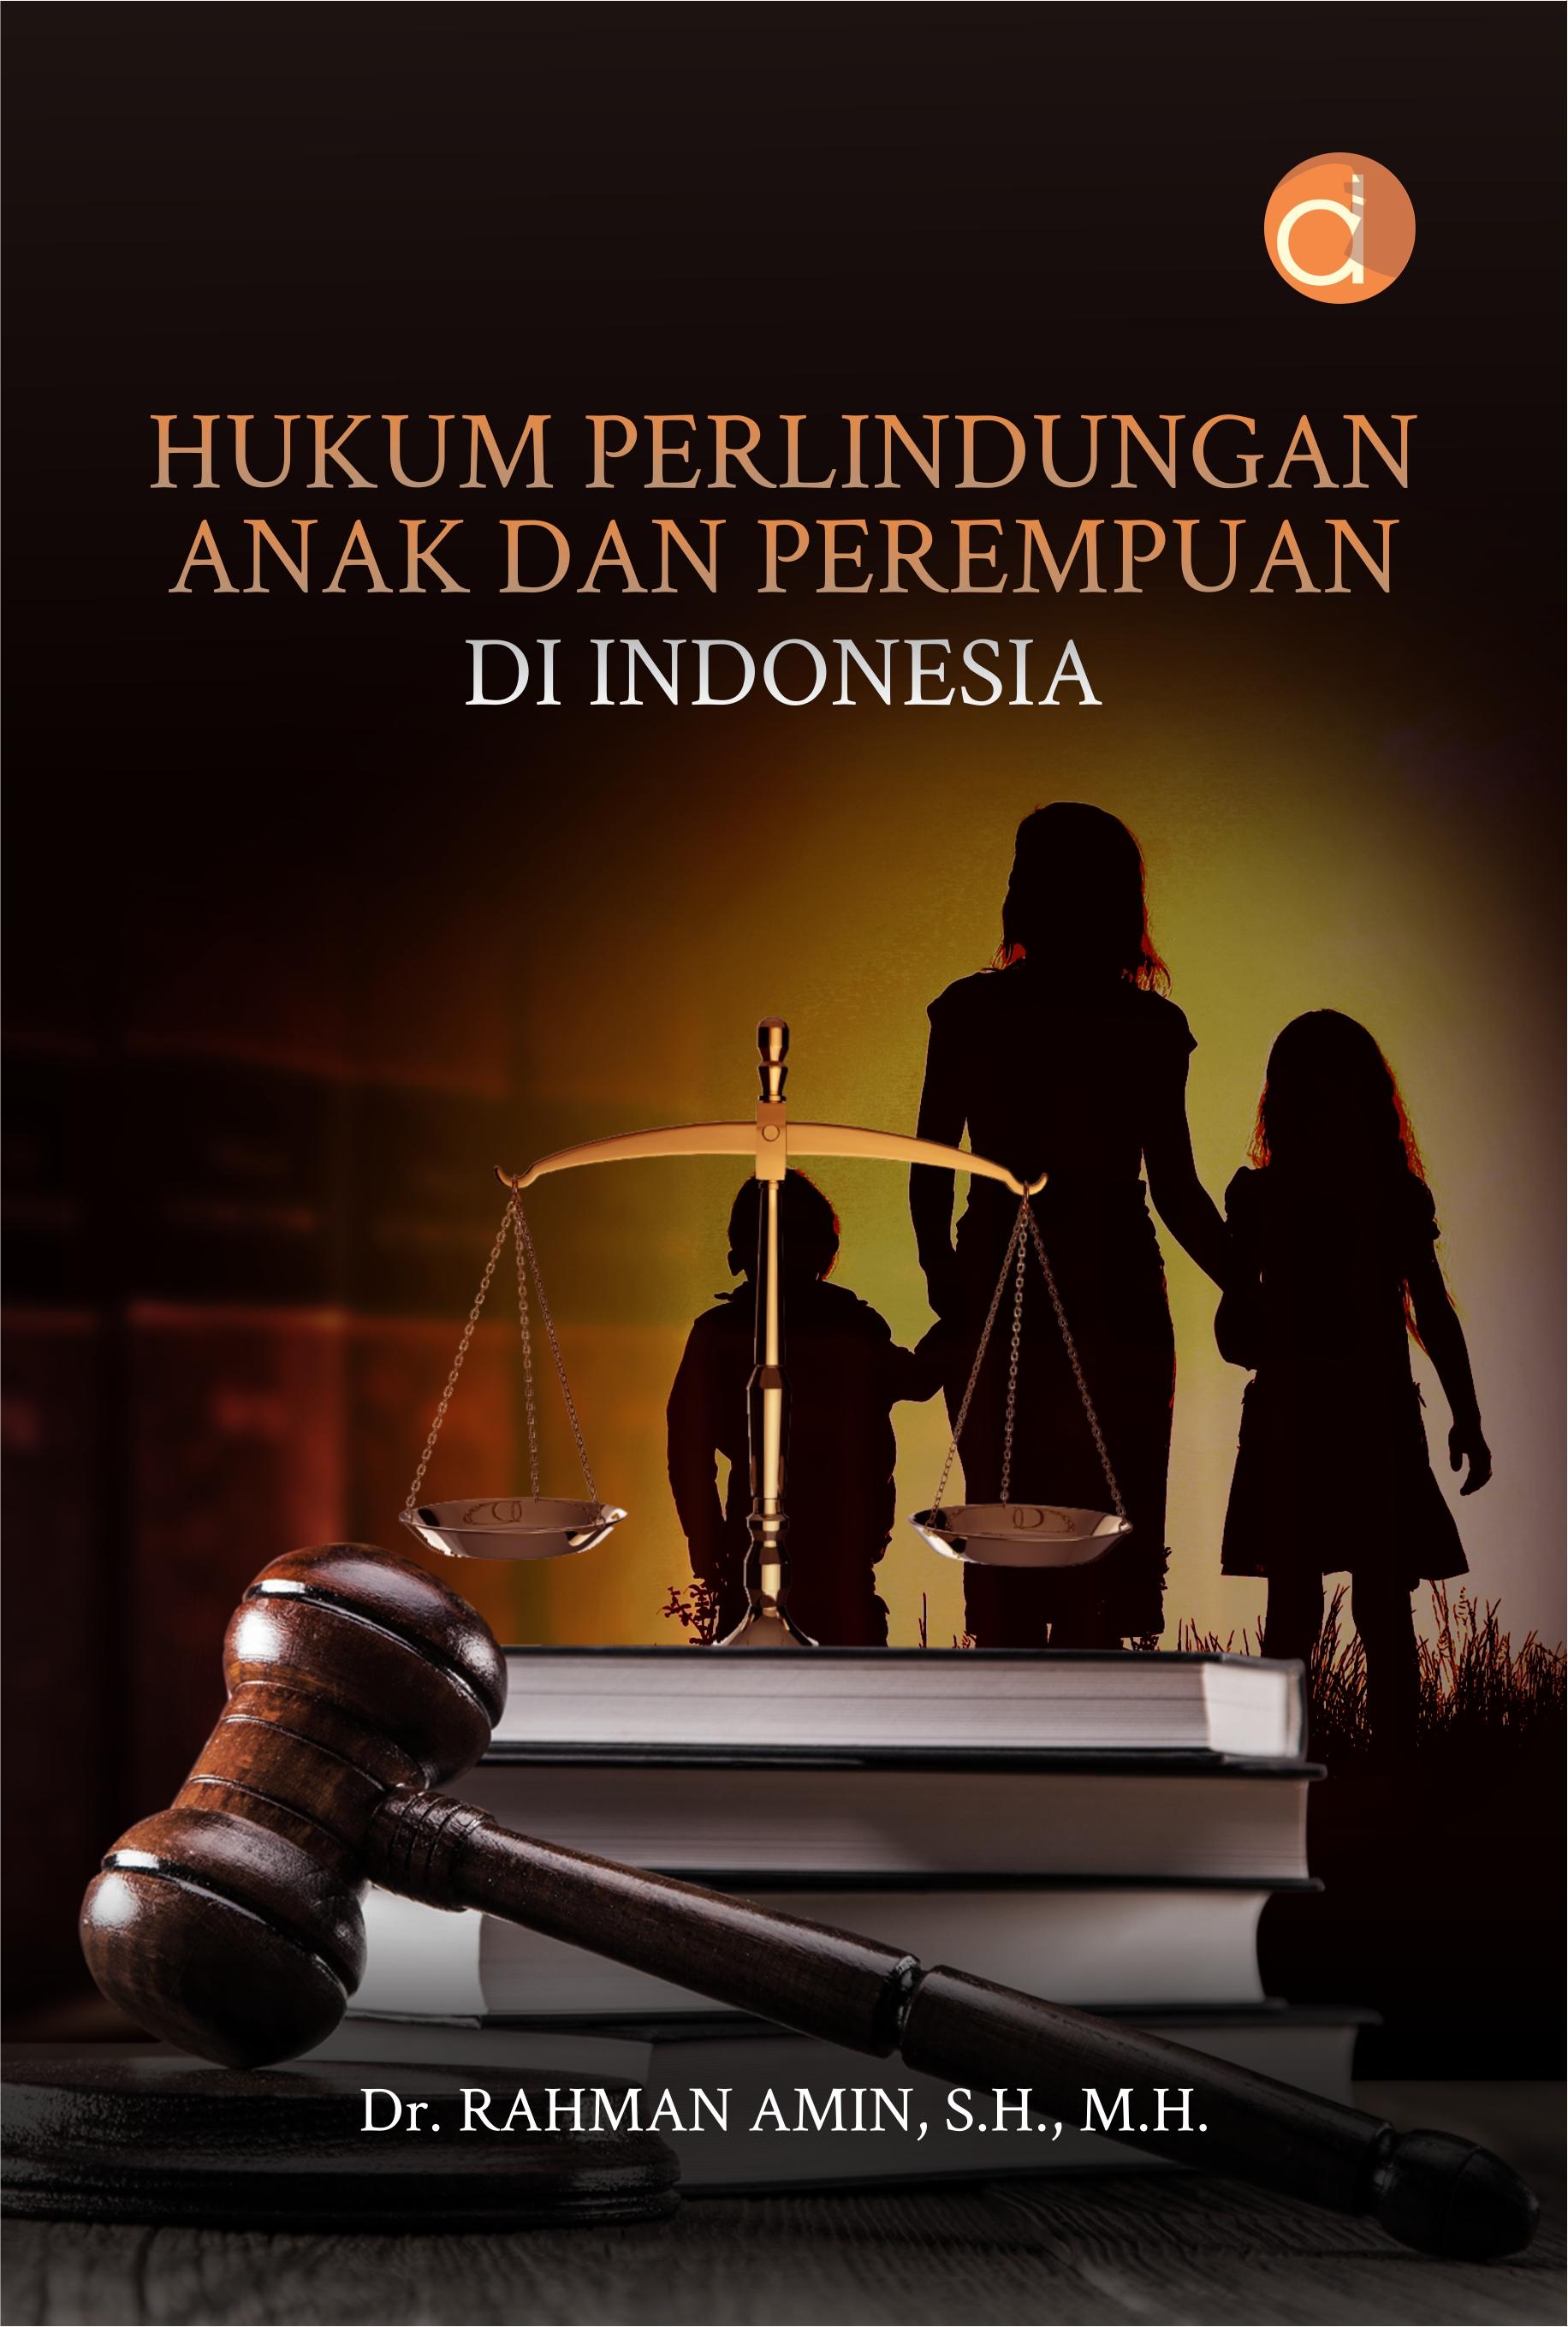 Hukum perlindungan anak dan perempuan di Indonesia [sumber elektronis]